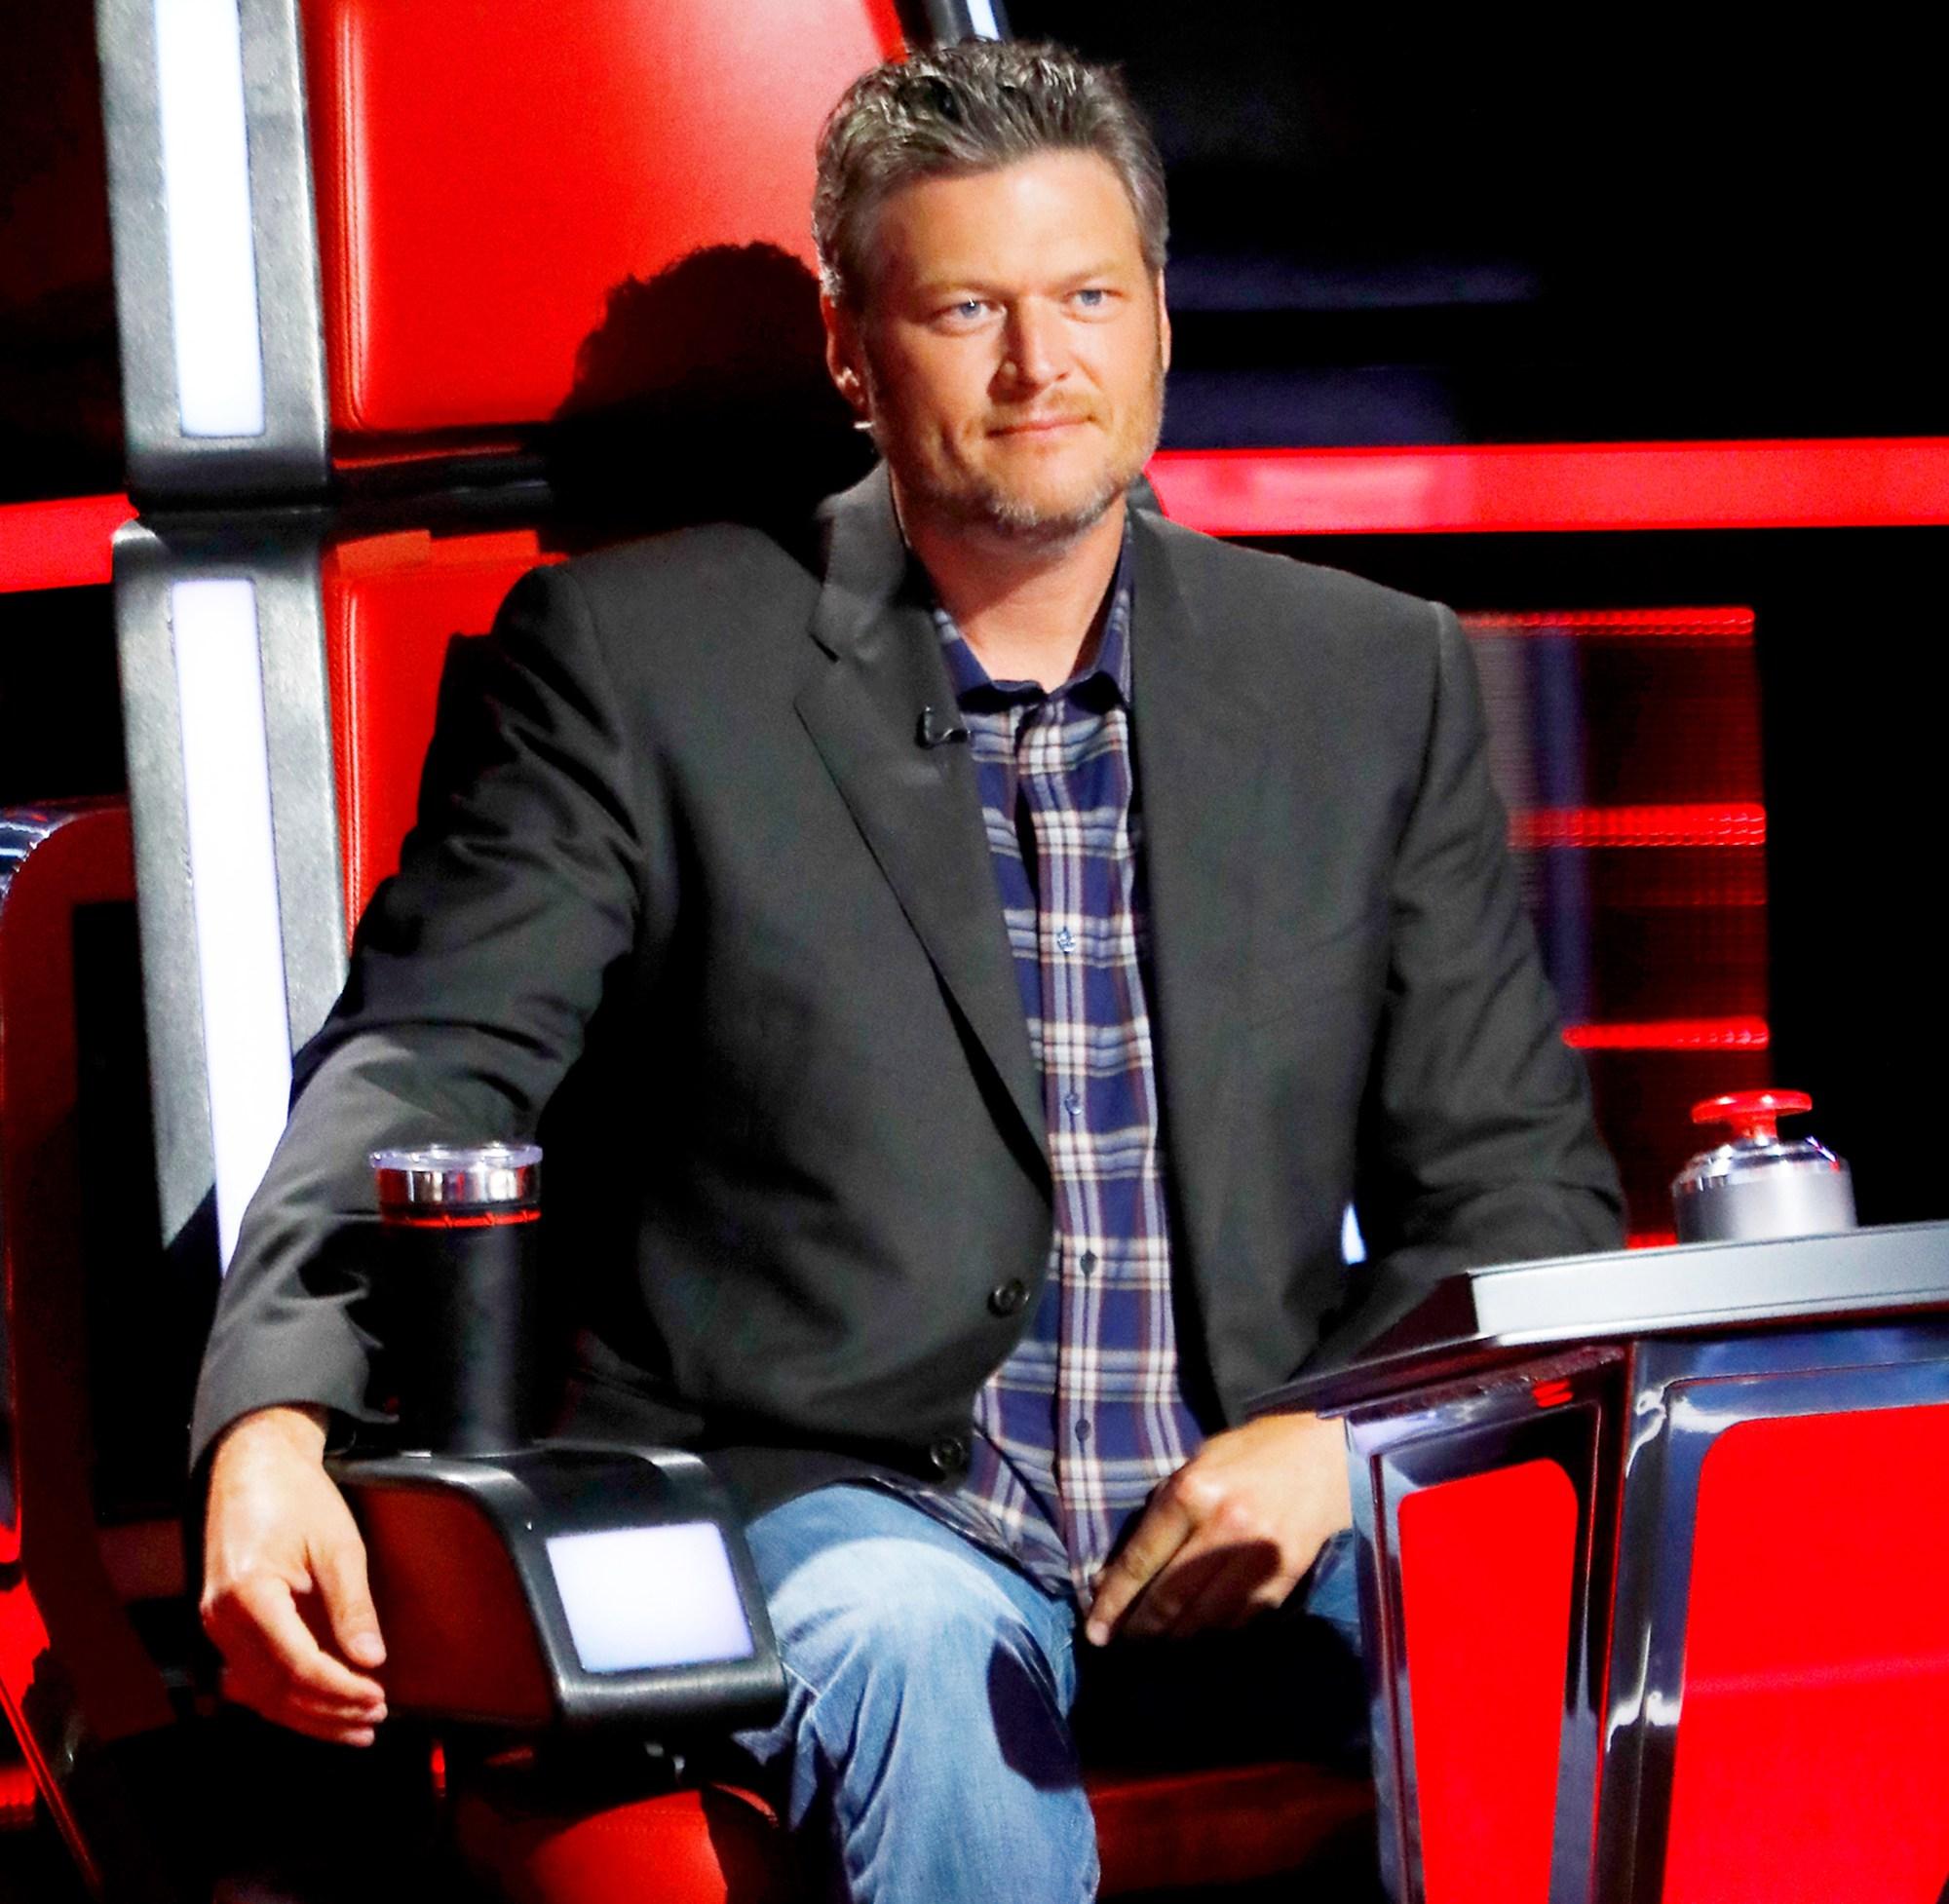 Blake Shelton on 'The Voice'